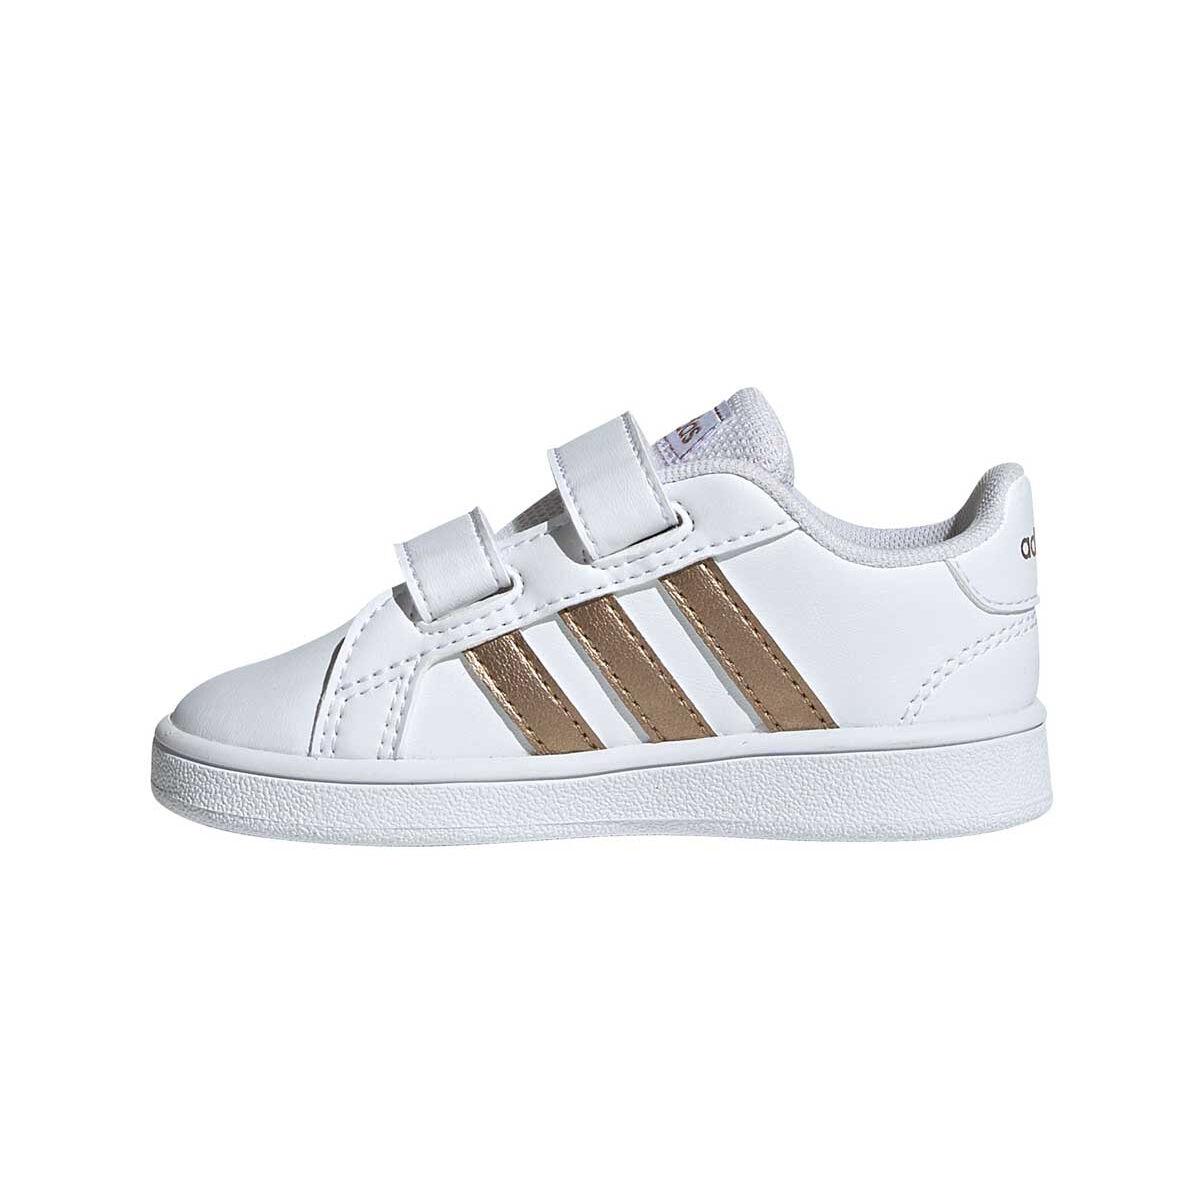 Adidas Turnschuhe 23 Sneaker Schwarz Gold Schuhe